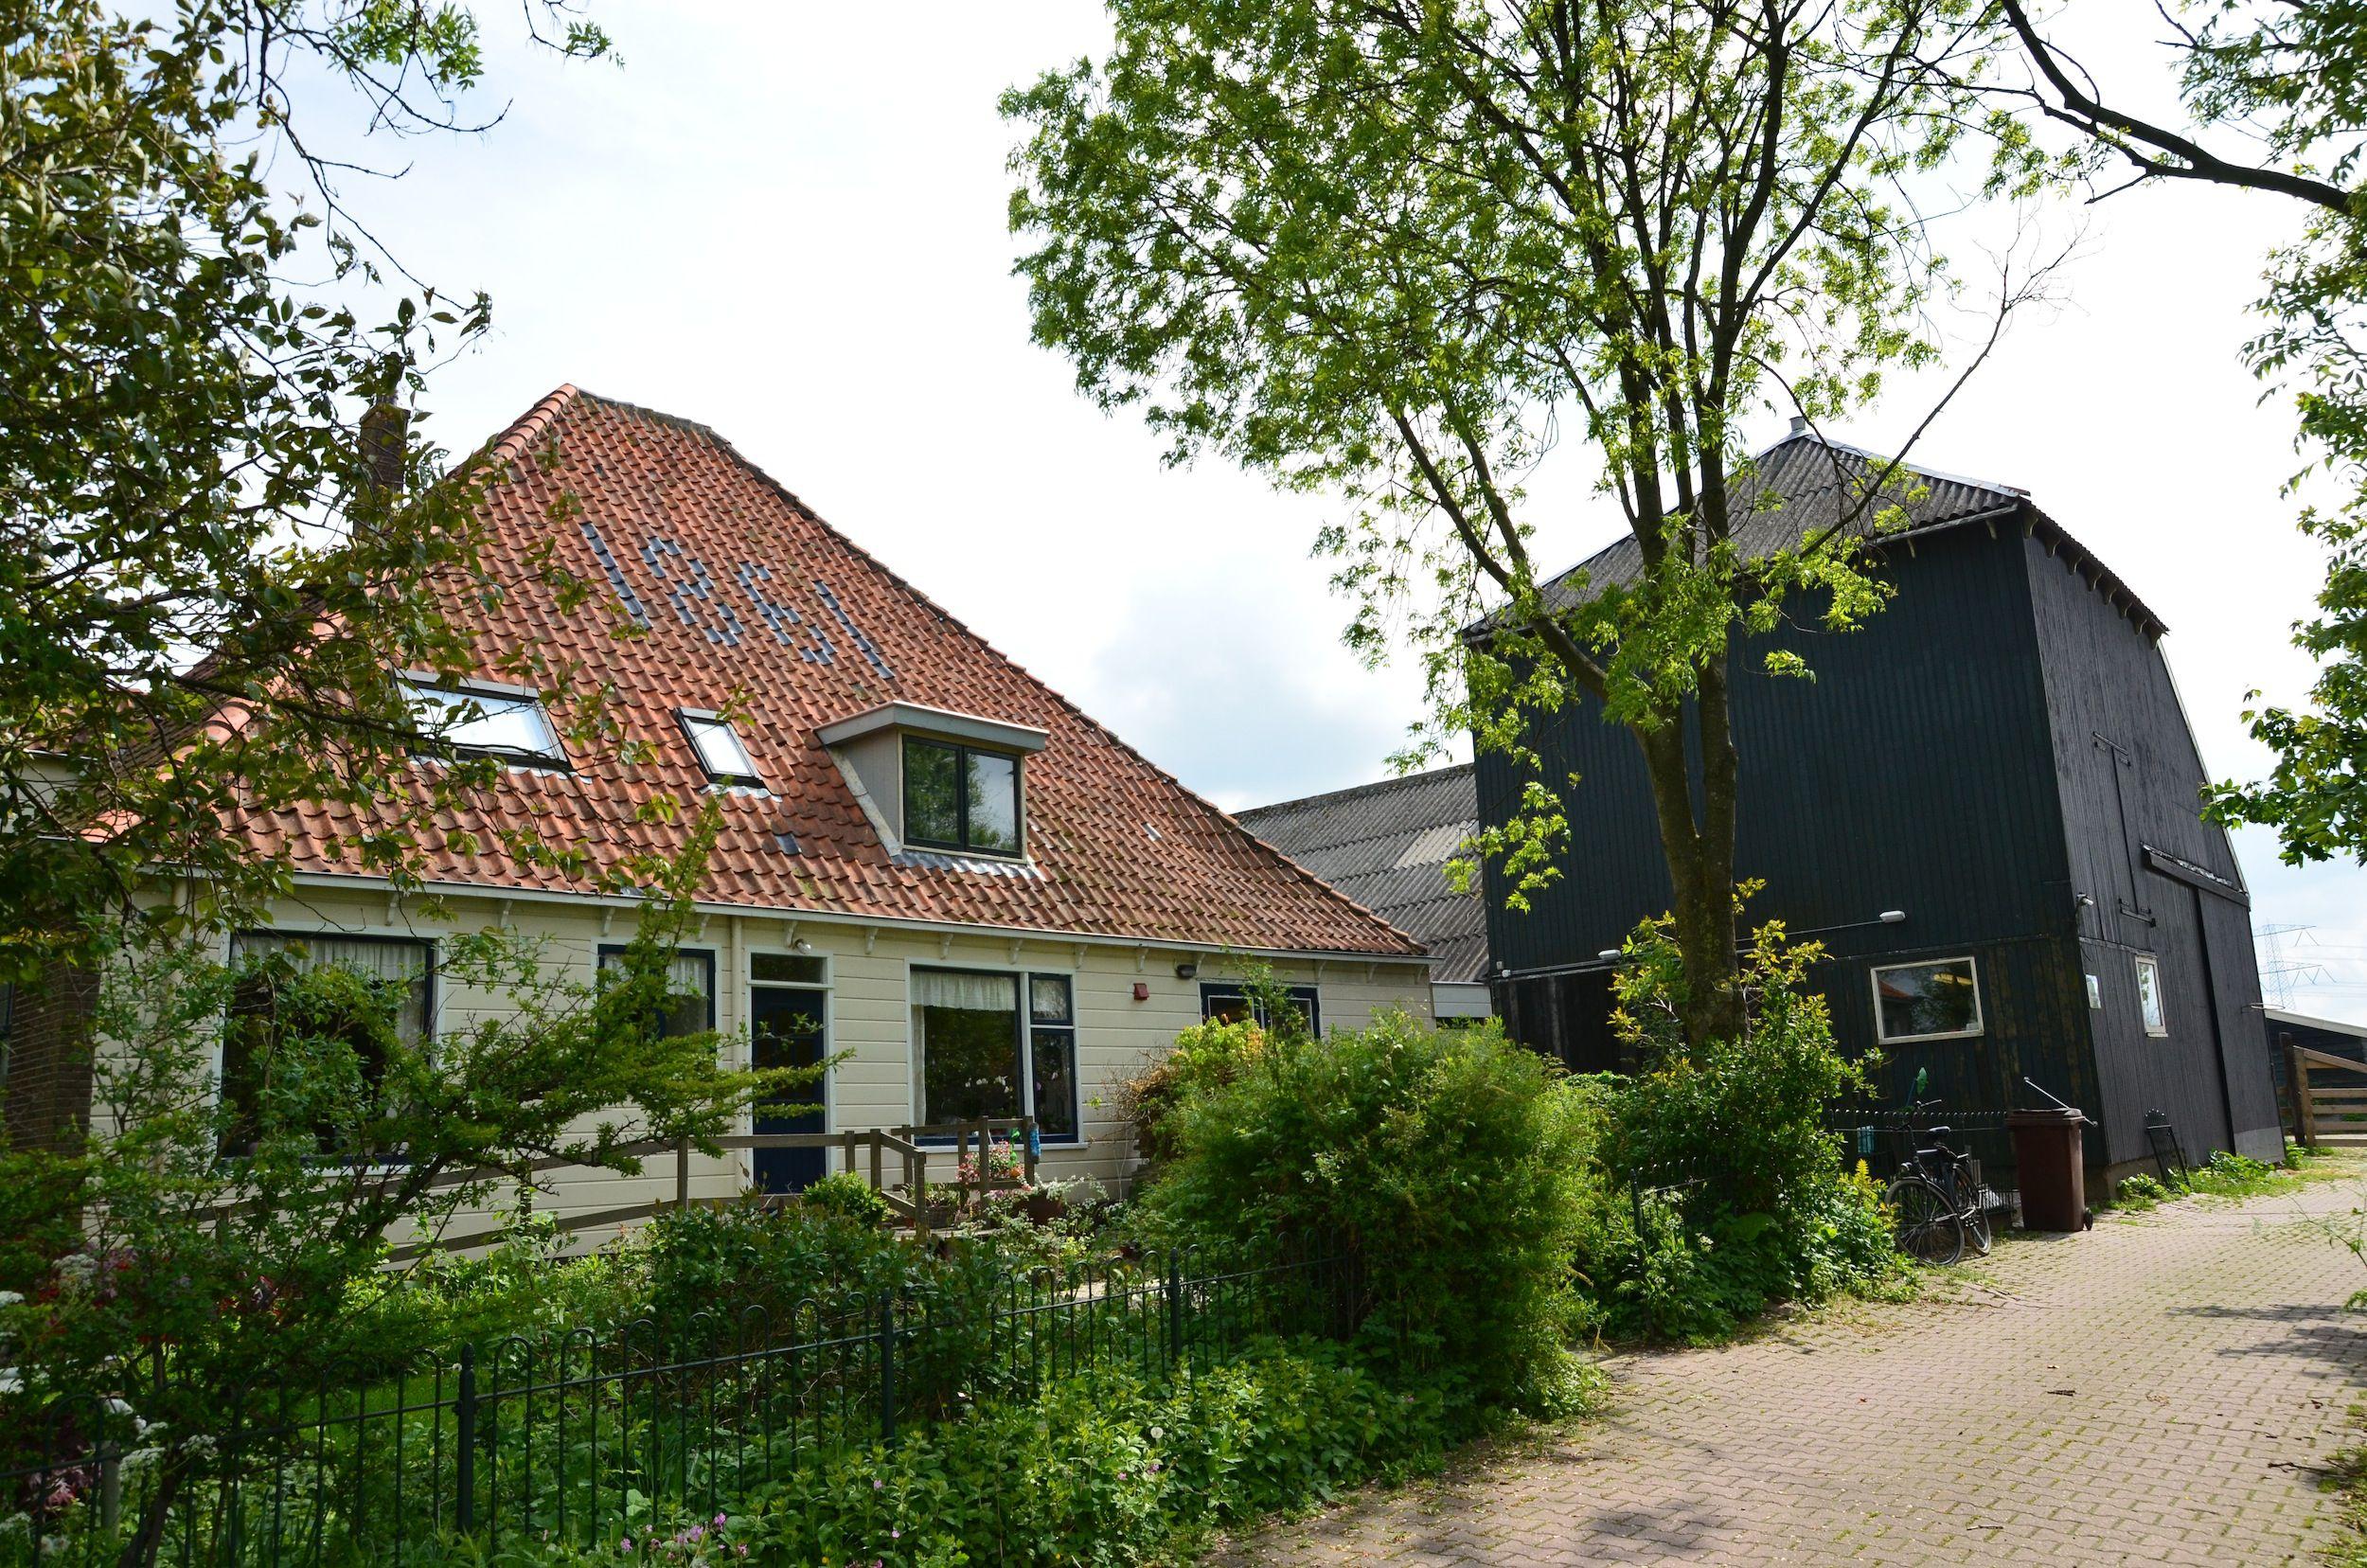 StadsHoeve Zunderdorp in Waterland.